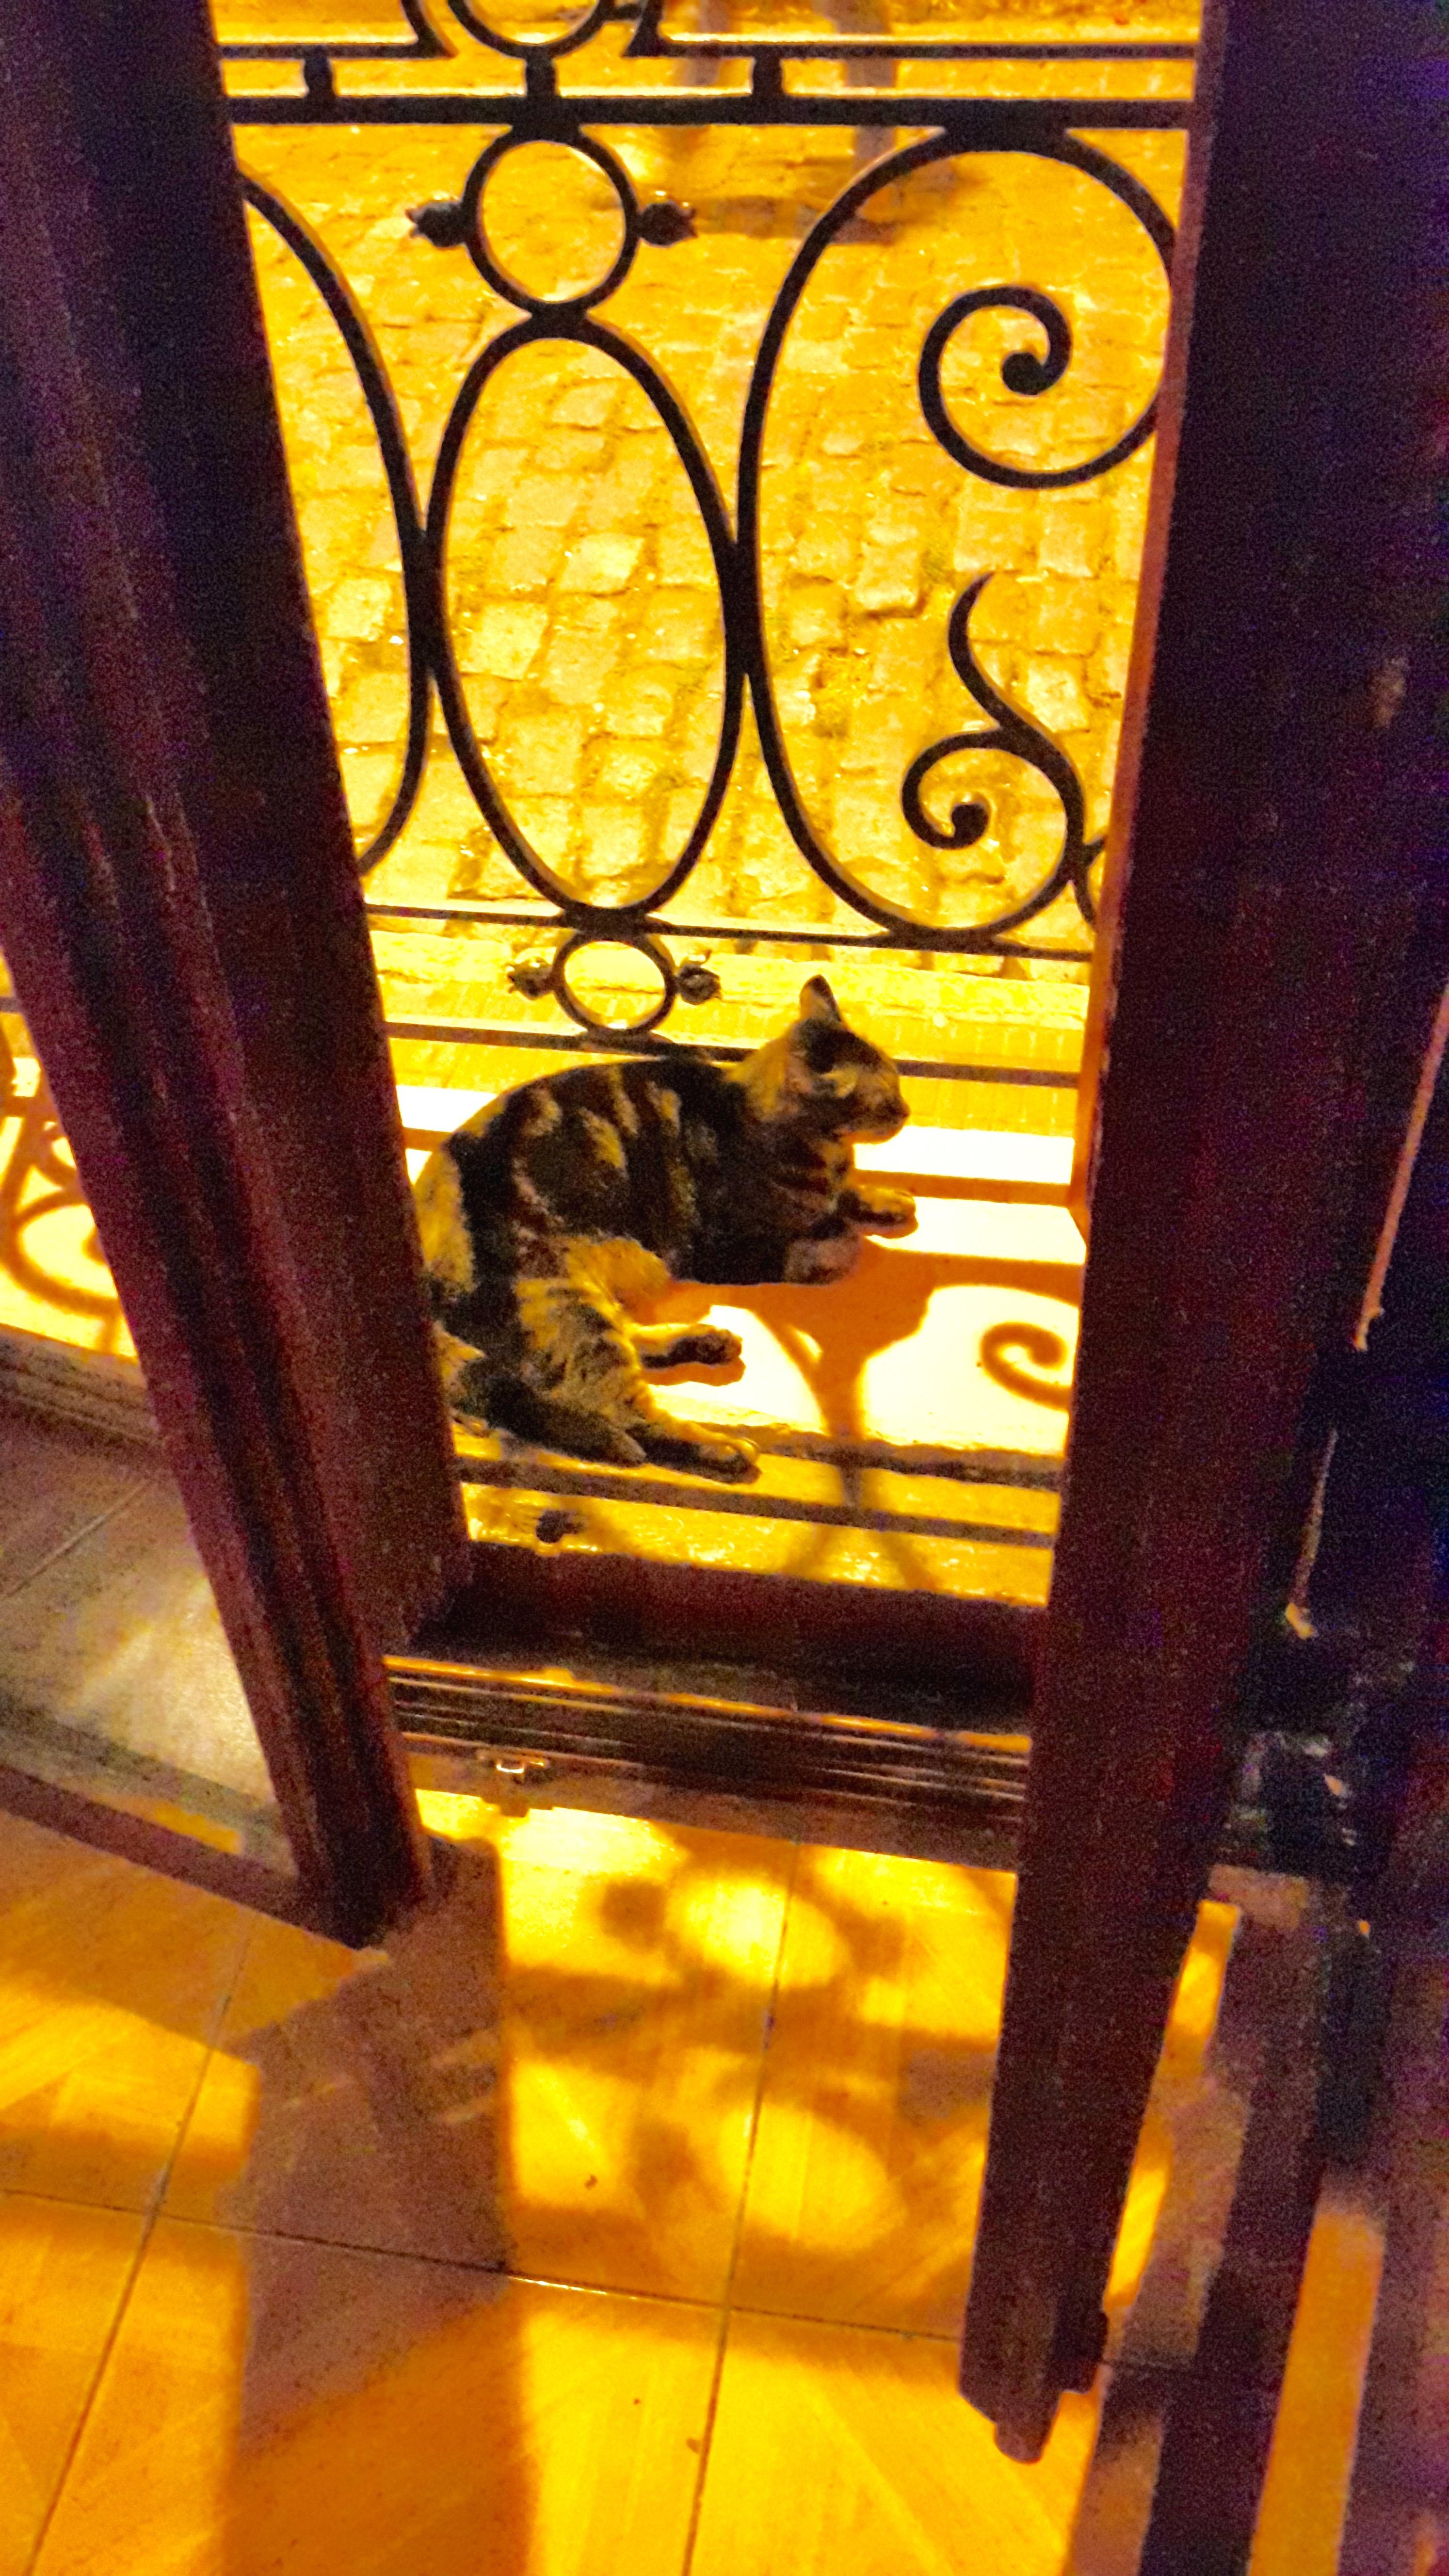 La Dama gato 2*